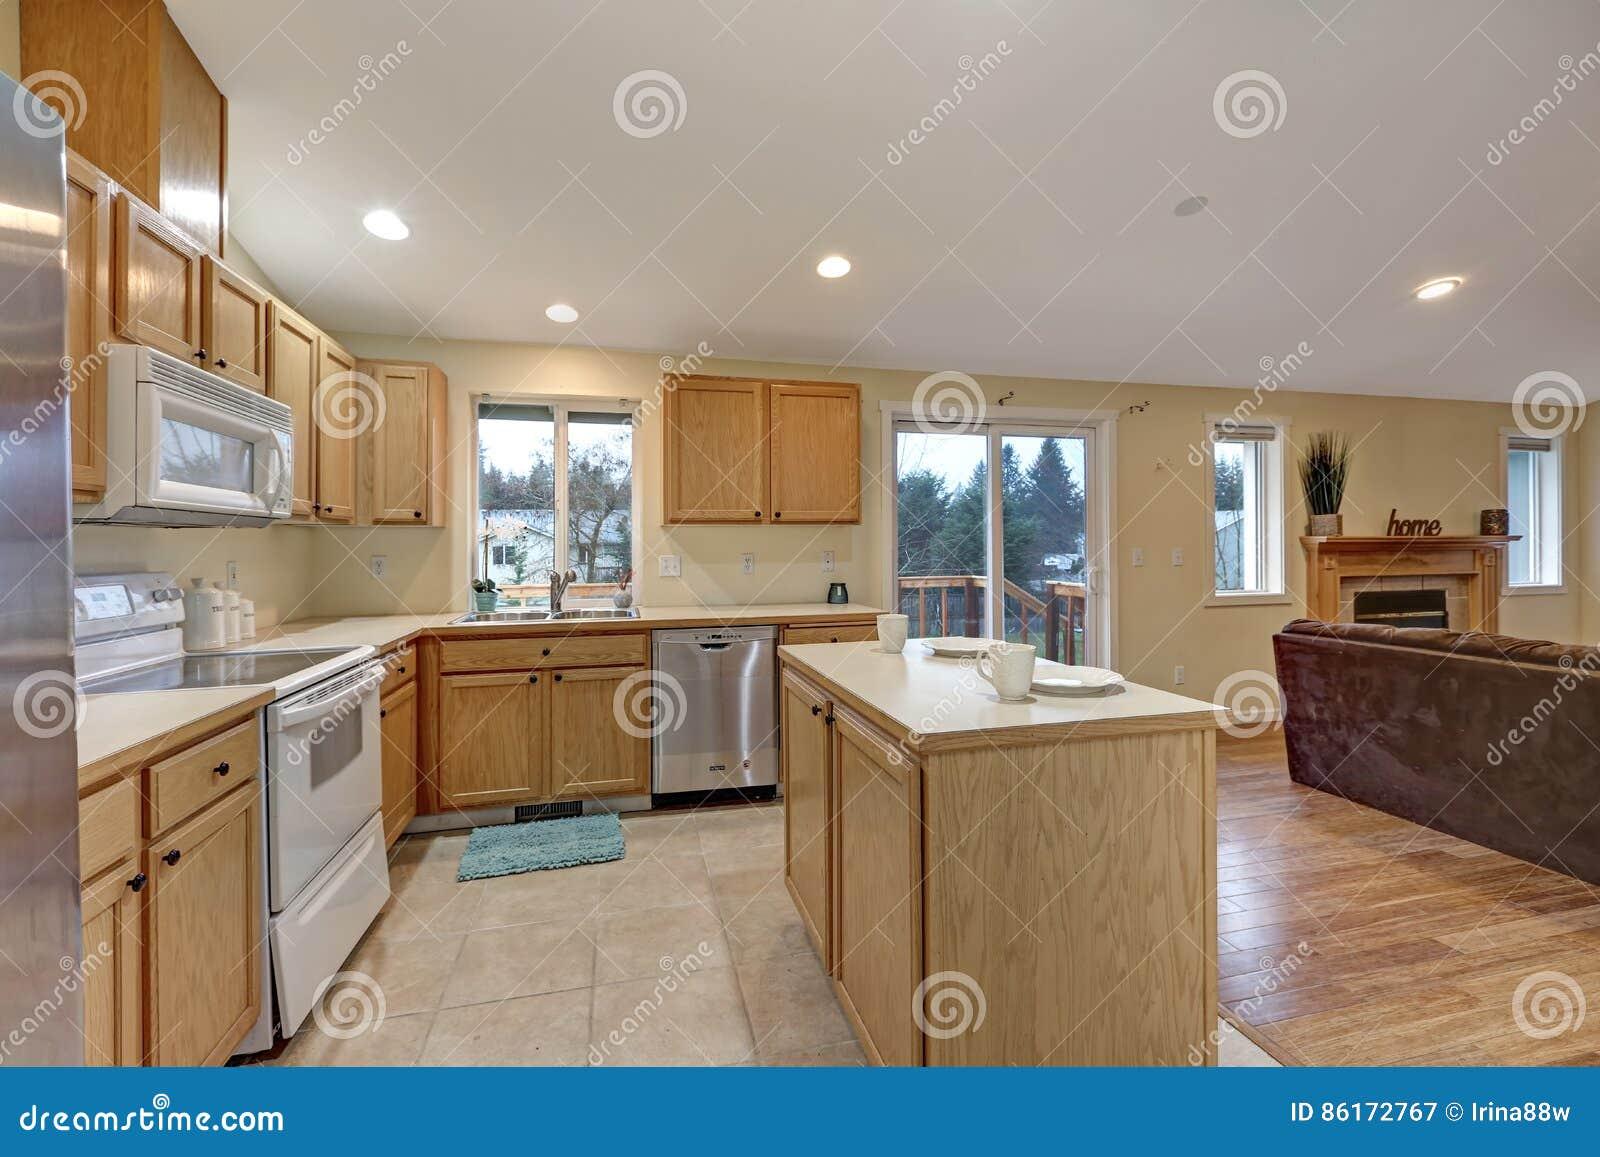 Sala Aberta Da Cozinha Do Conceito Da Luz Com Teto Arcado Imagem De